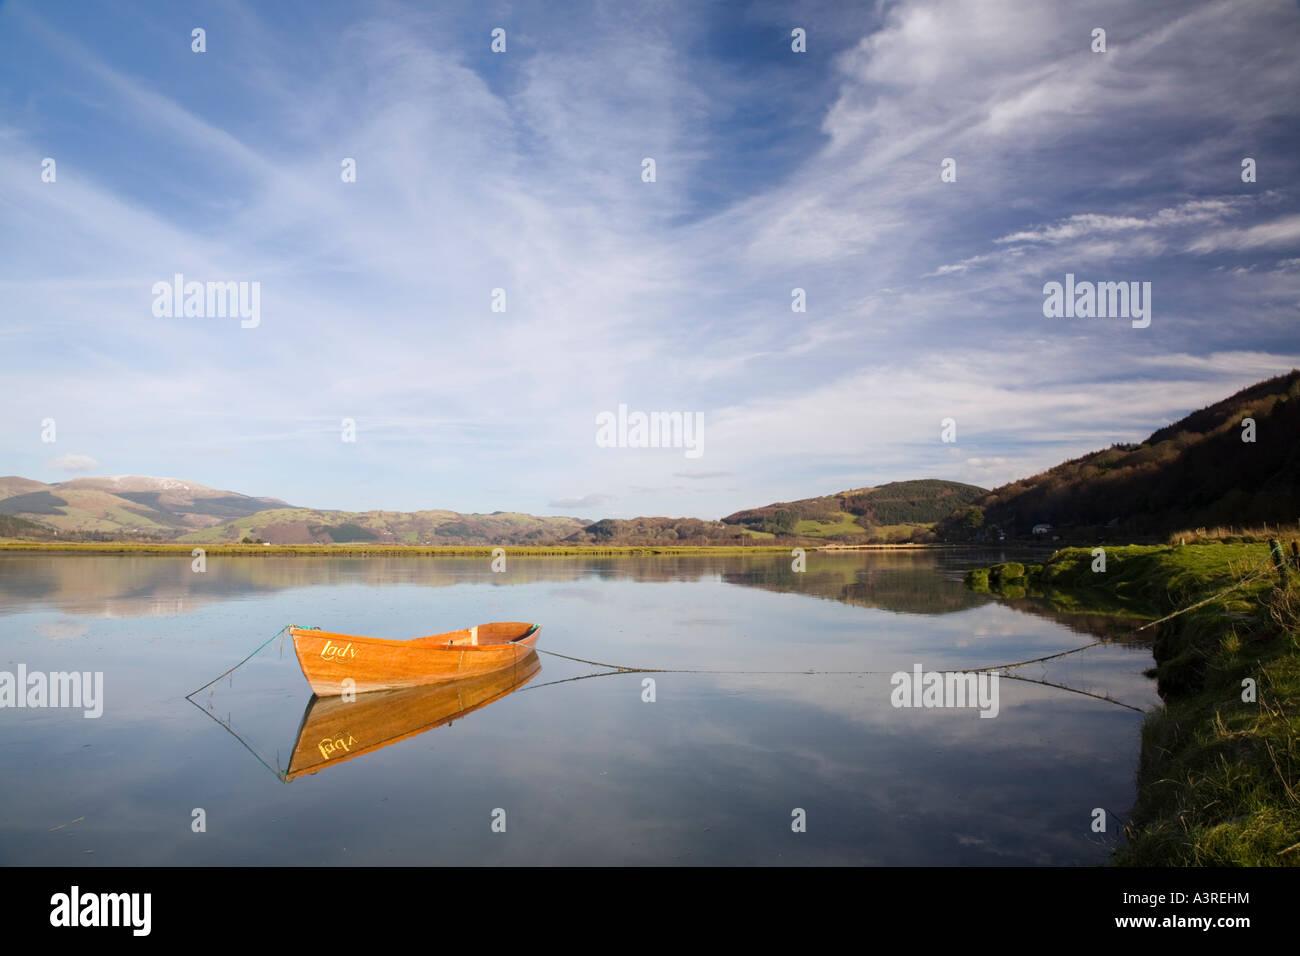 Landschaftlich schöne Aussicht mit hölzernen Ruderboot spiegelt sich in ruhigem Wasser auf River Dovey Stockbild